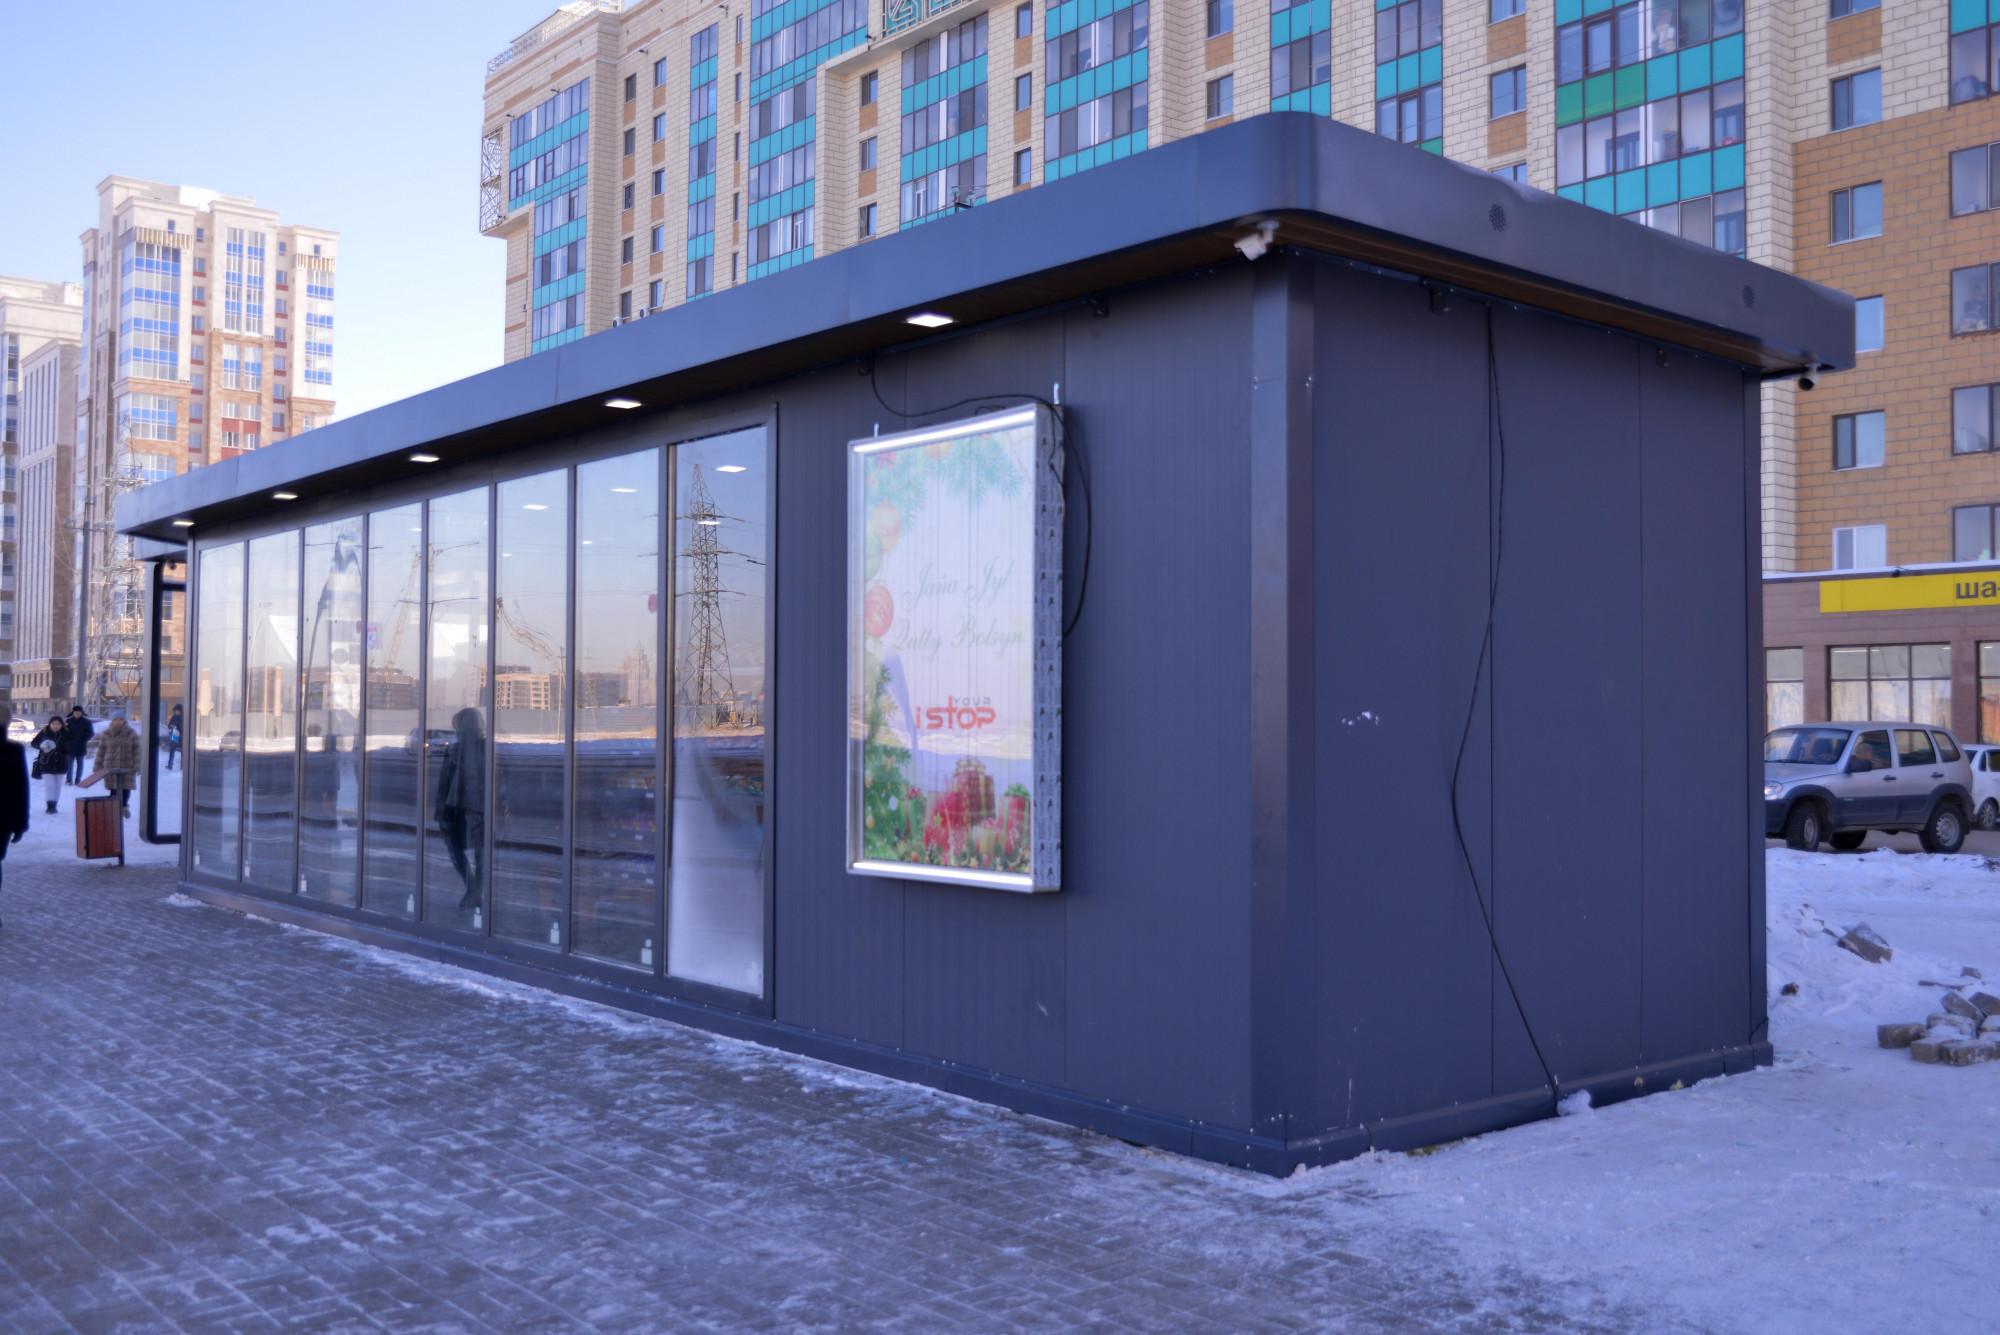 В Астане 12 тёплых автобусных остановок построили на средства частных инвесторов